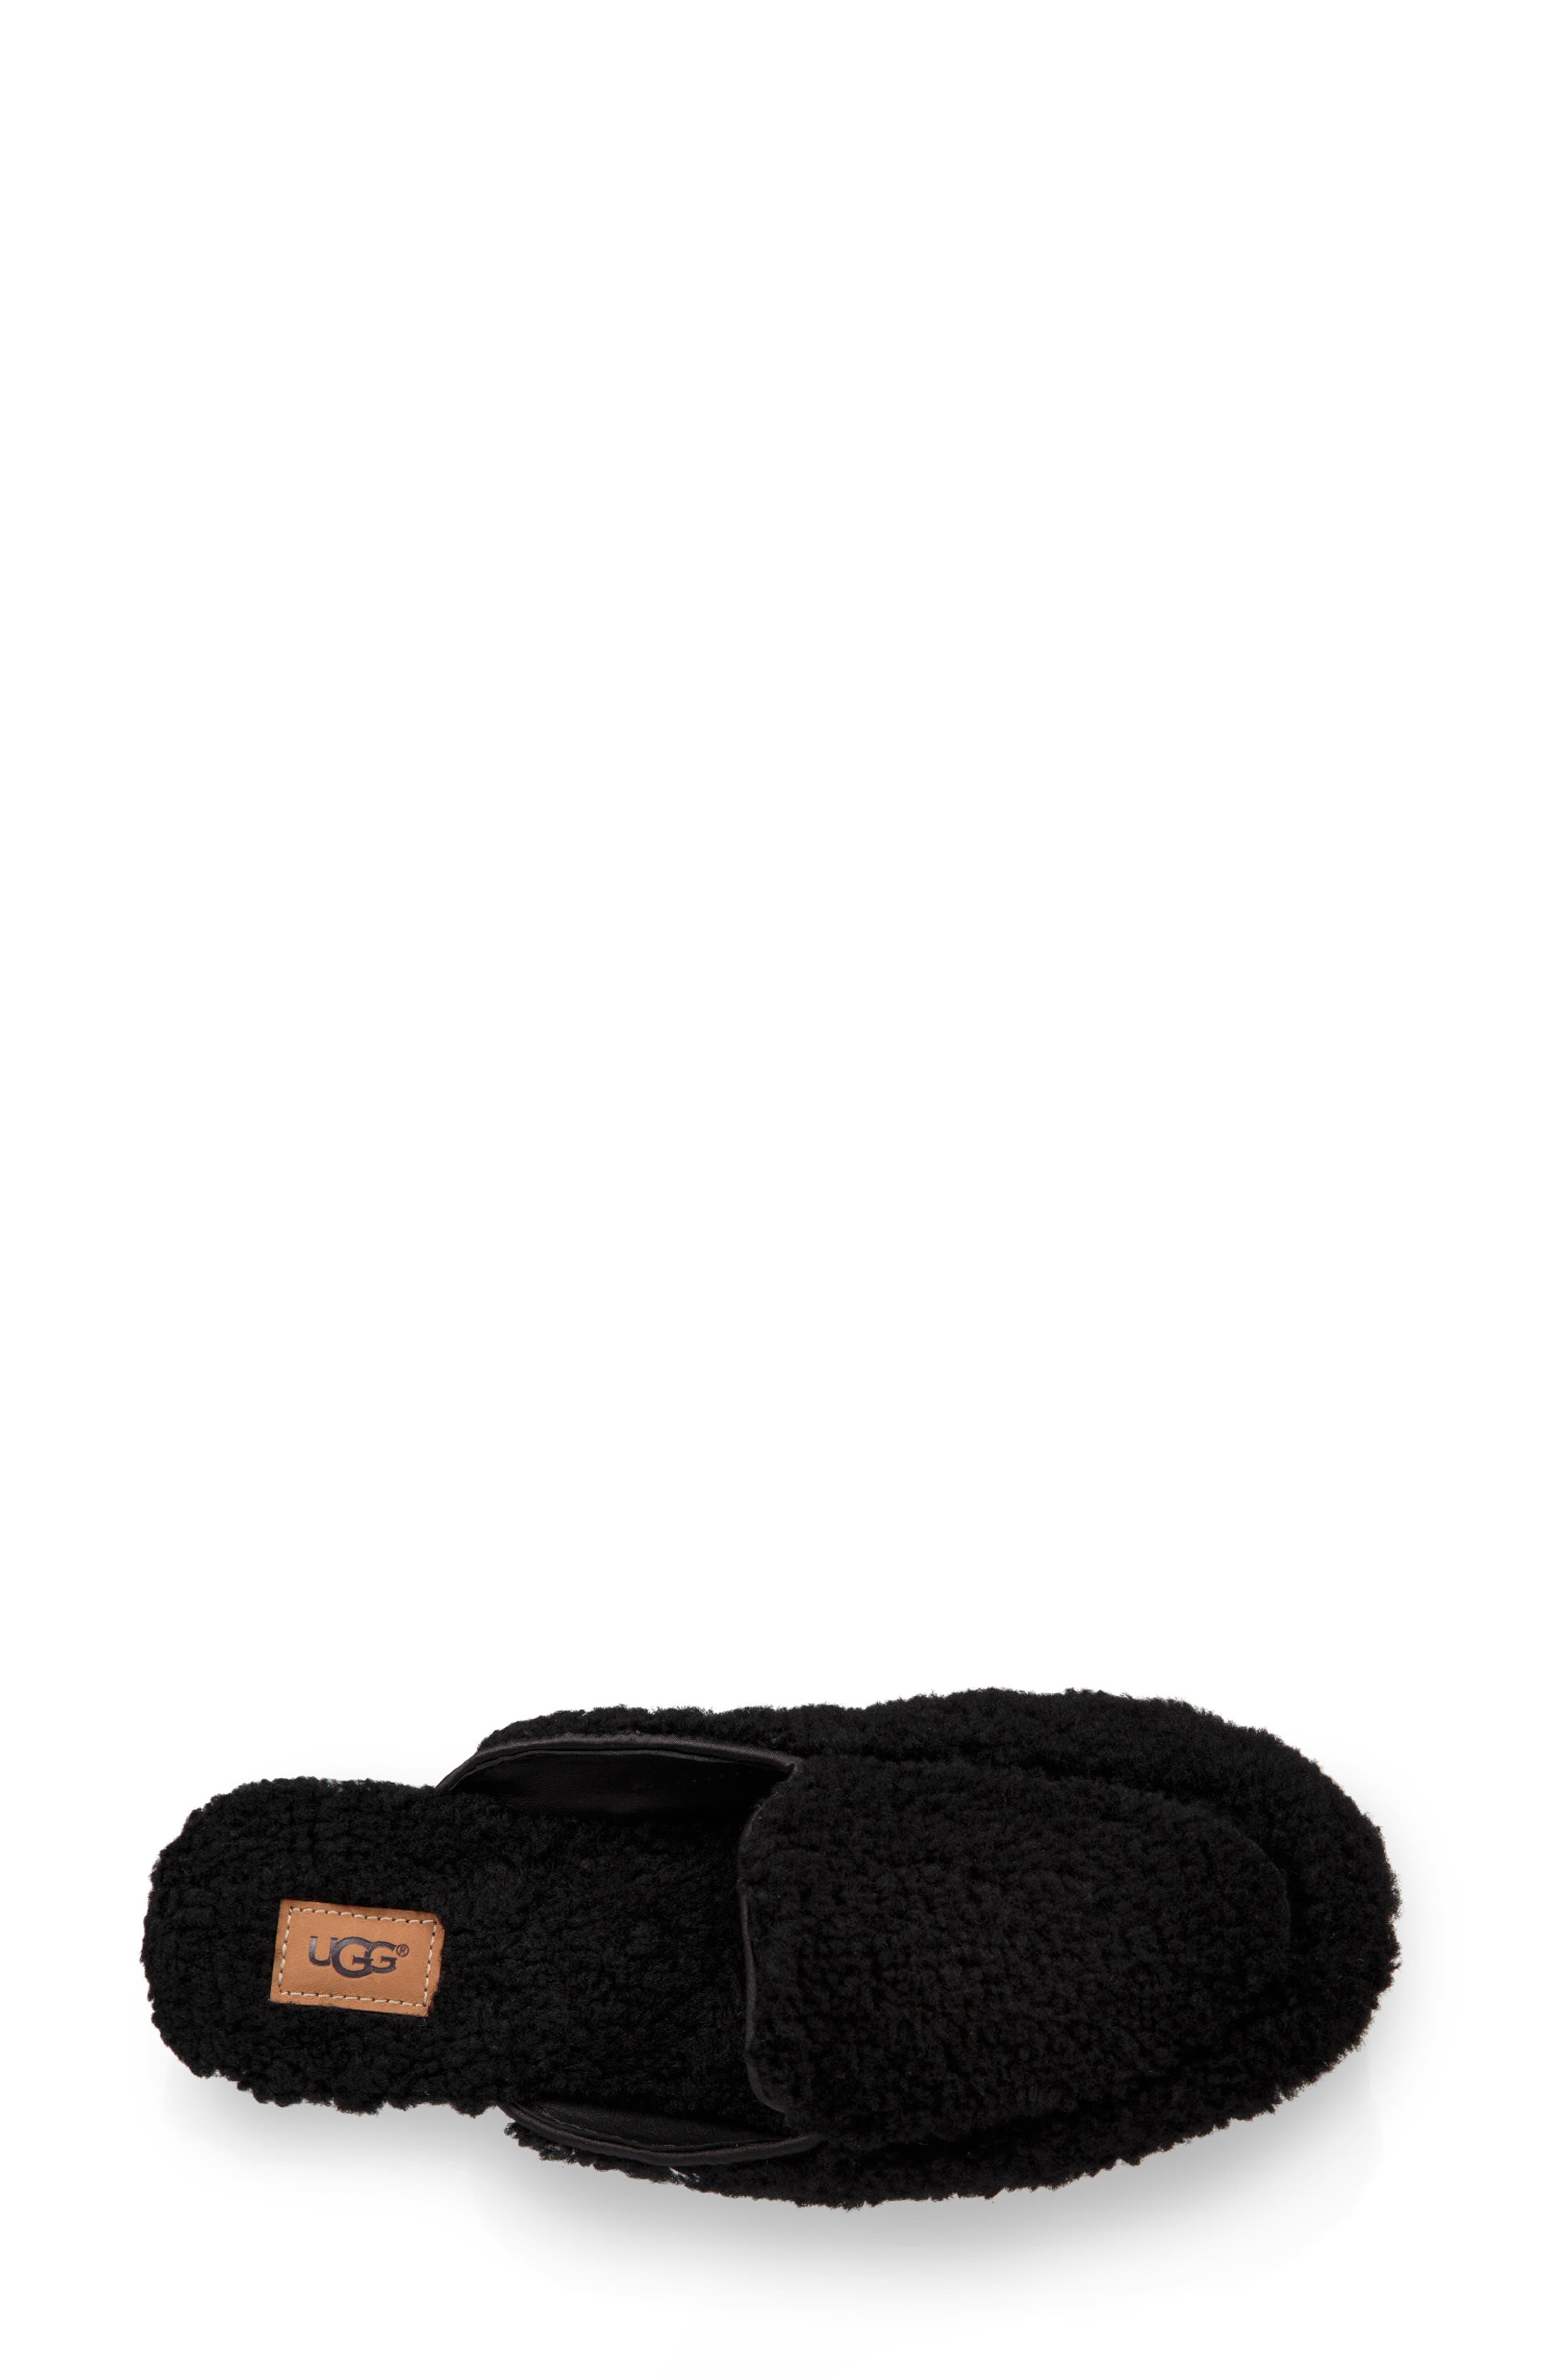 Lane Fluff Genuine Shearling Loafer Slipper,                             Alternate thumbnail 4, color,                             BLACK